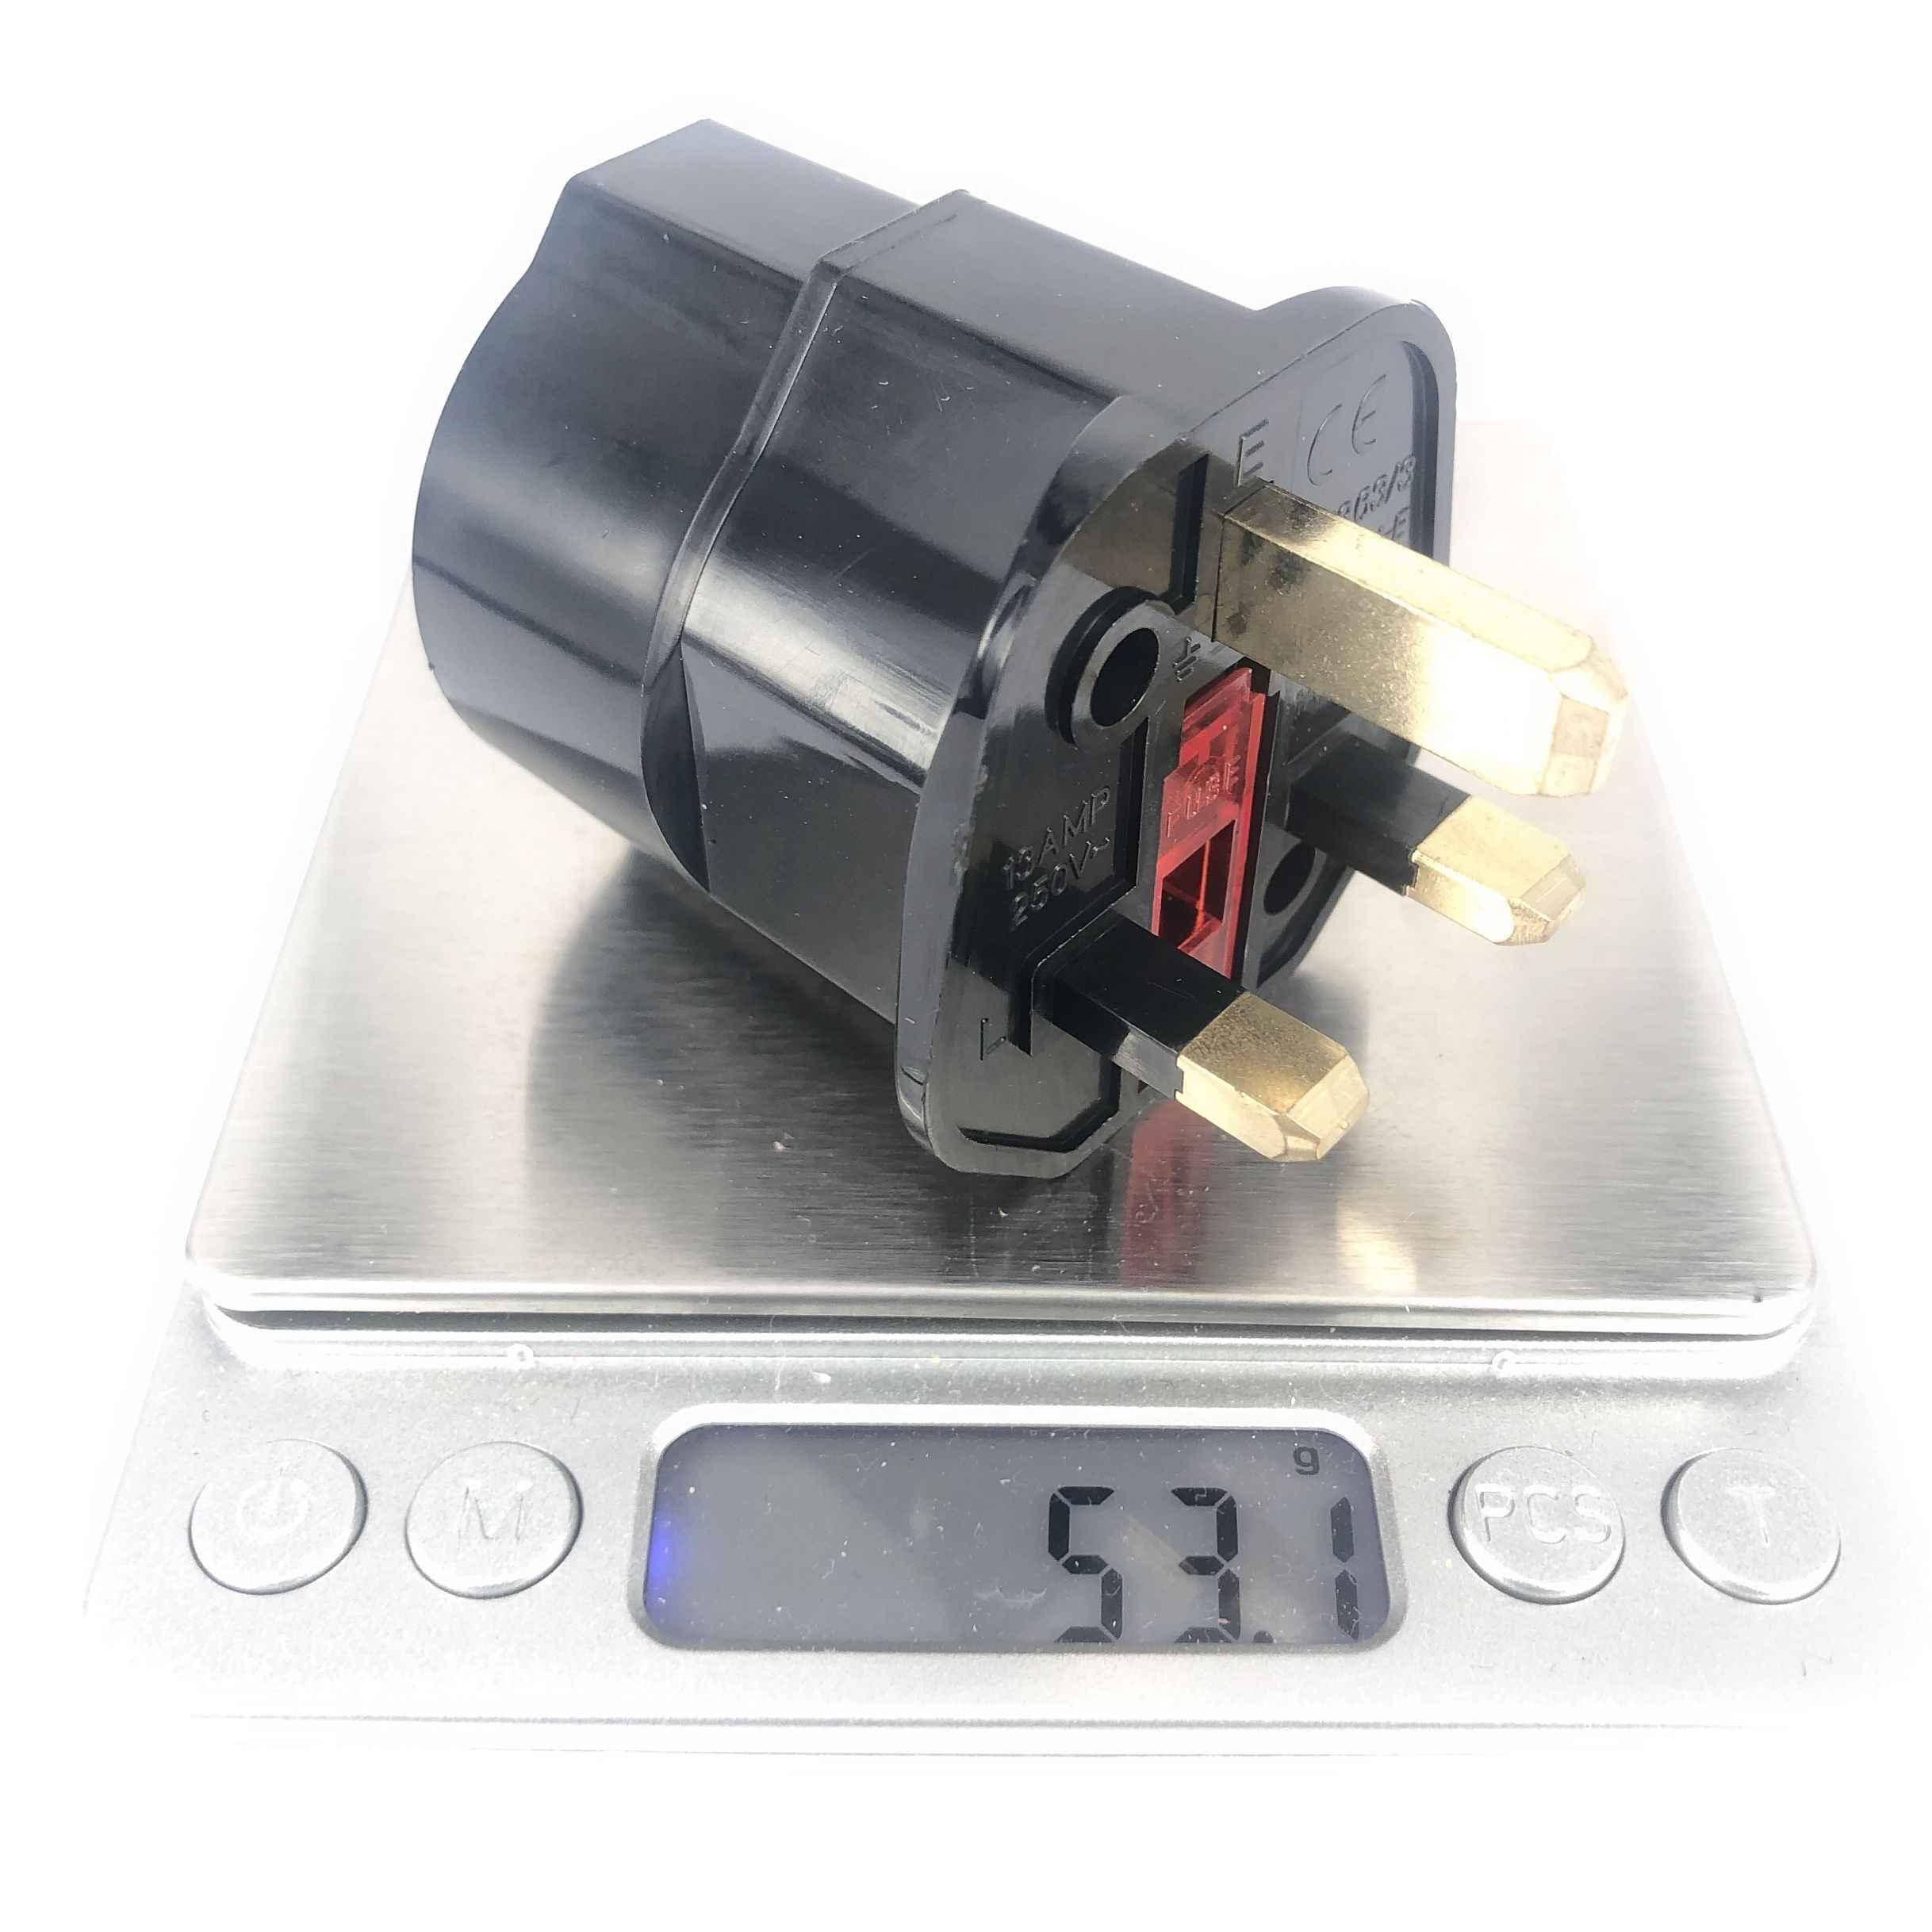 ЕС ЕВРО 2 Pin английская вилка с 3 зубцами Универсальный адаптер переменного тока для путешествий конвертер в европейском стиле